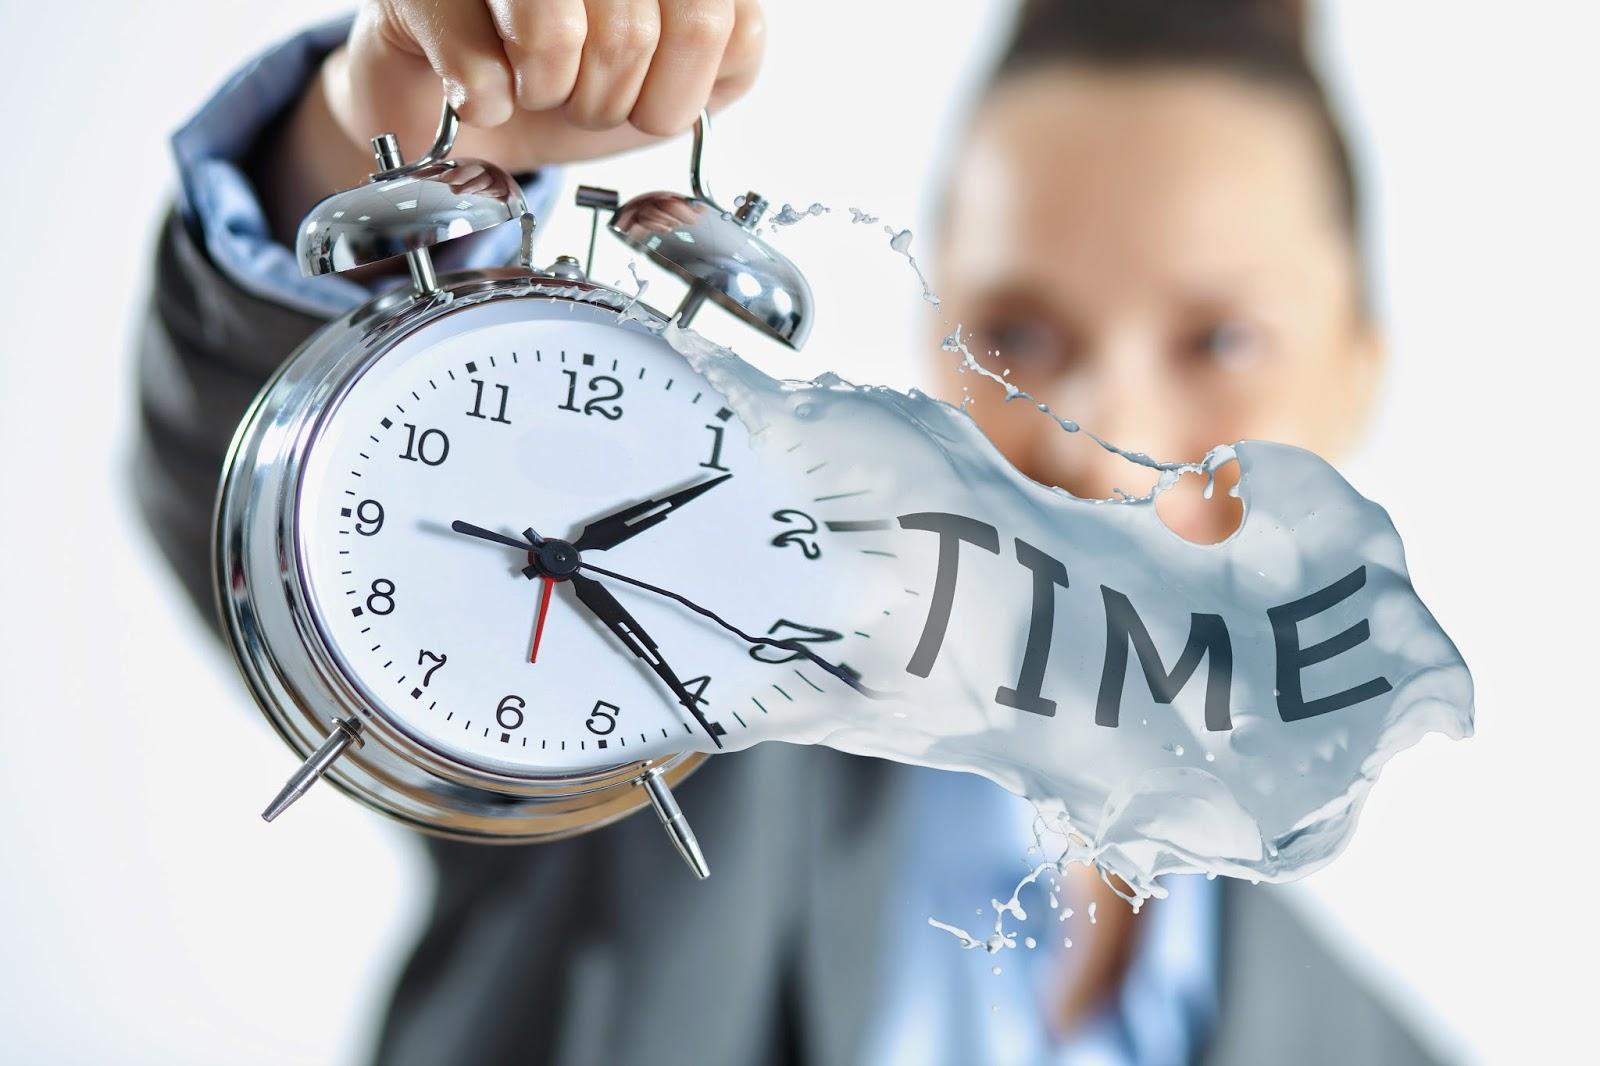 Cách sắp xếp thời gian biểu hợp lý hiệu quả (Công việc và học tập ...